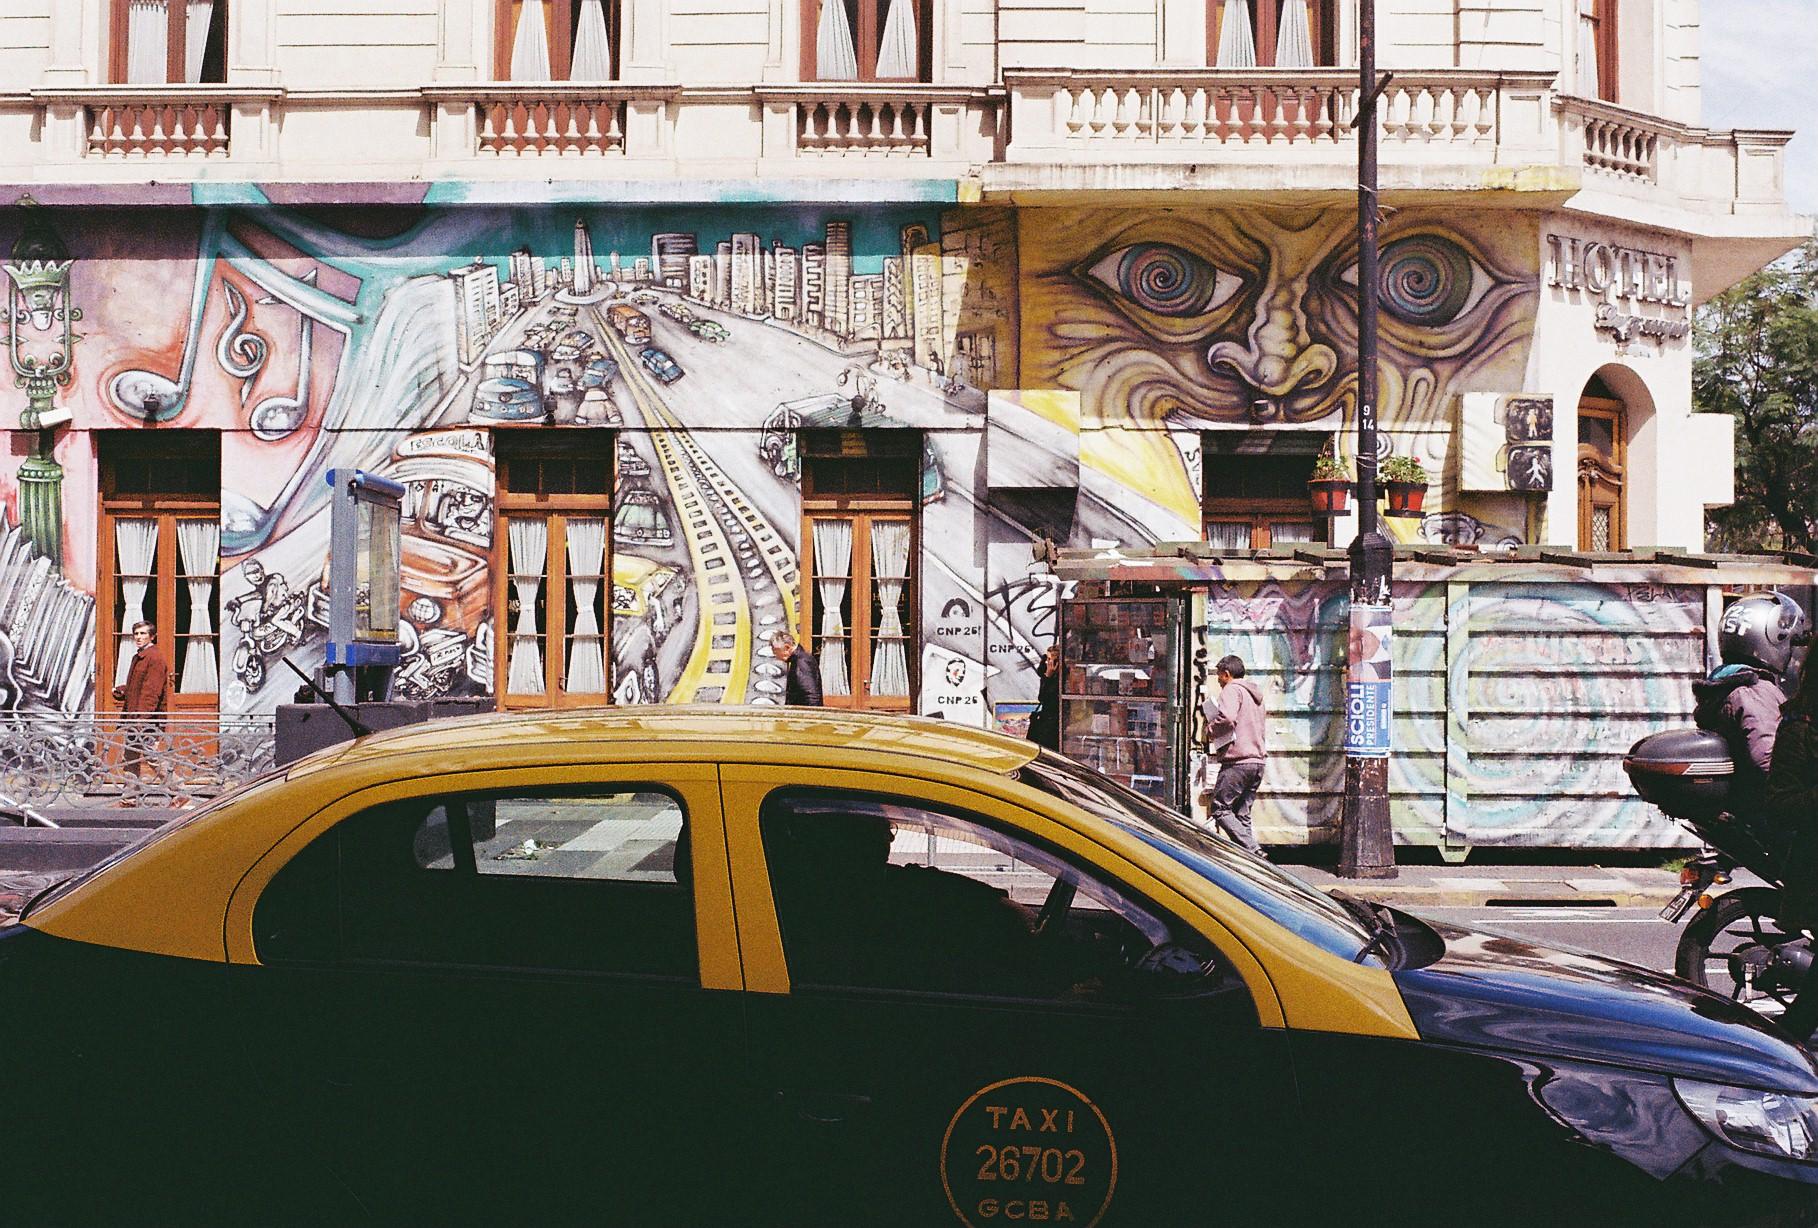 부에노스 아이레스의 역사 그리고 도시에 대한 단상